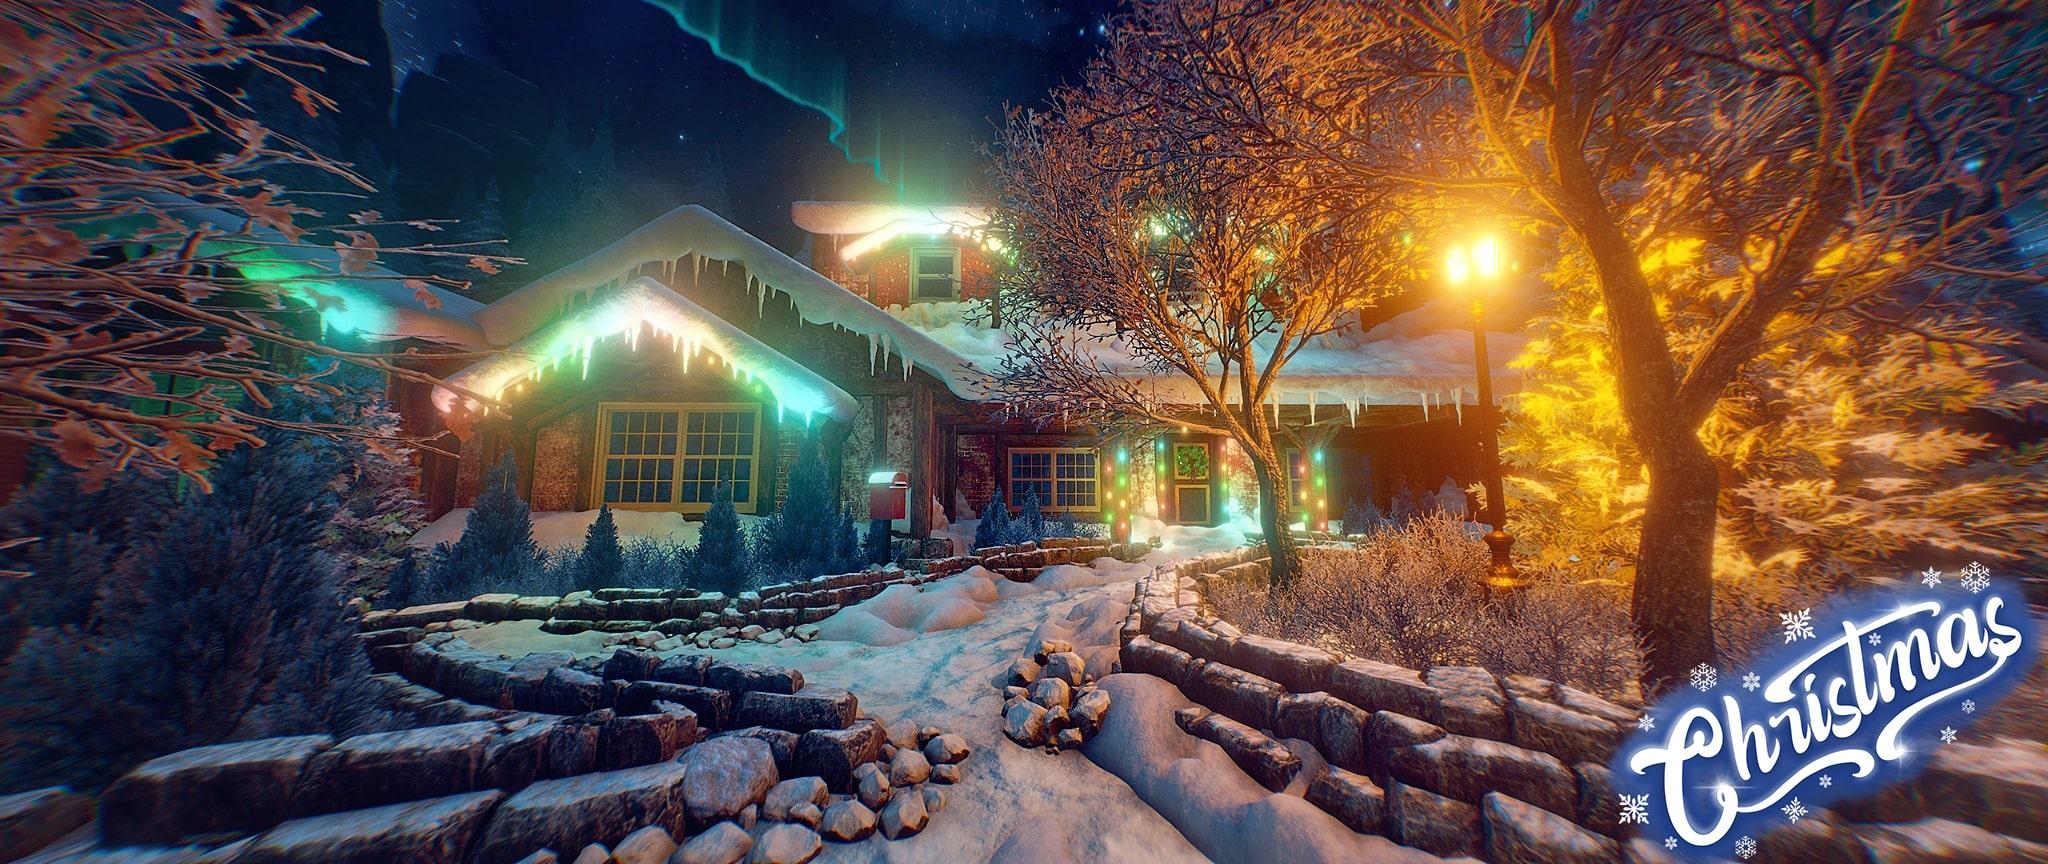 Christmas 3 1